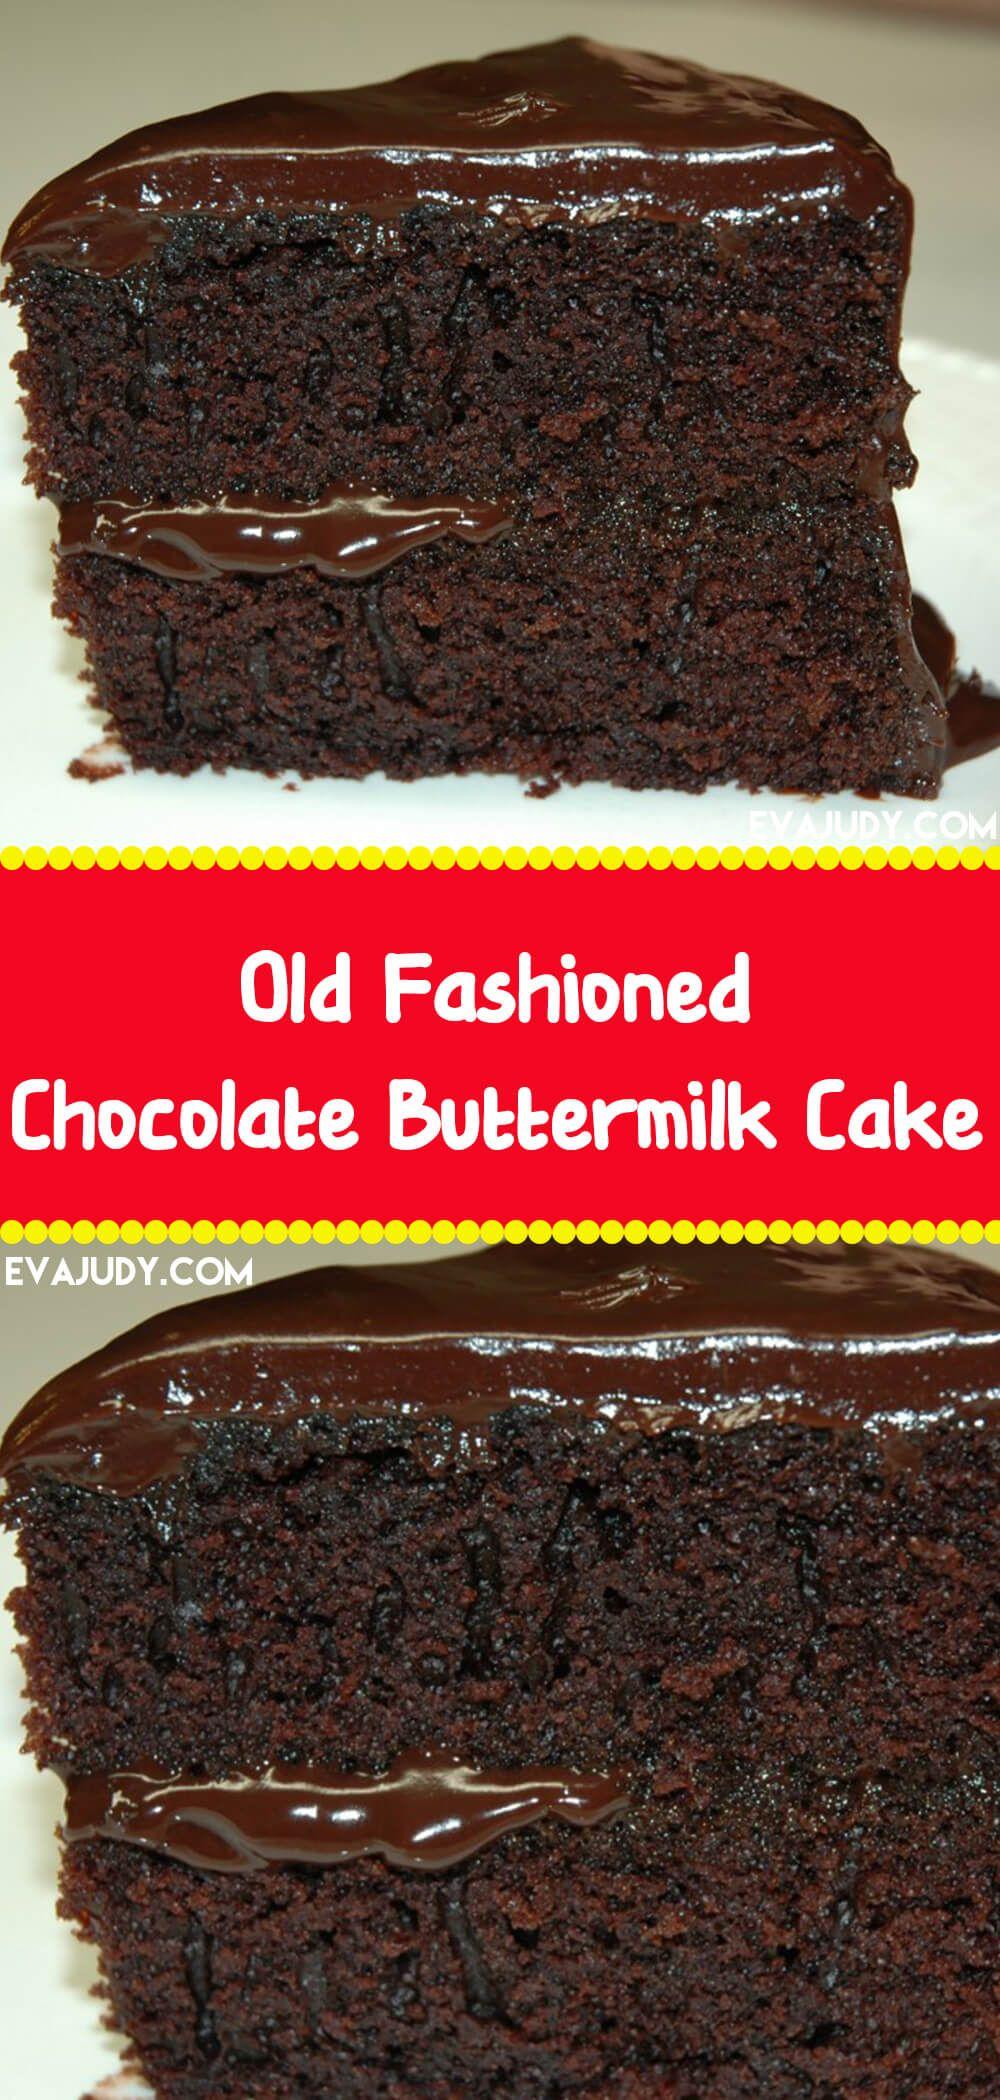 Old Fashioned Chocolate Buttermilk Cake In 2020 Peanut Butter Fudge Cake Chocolate Eclair Recipe Lemon Cake Recipe